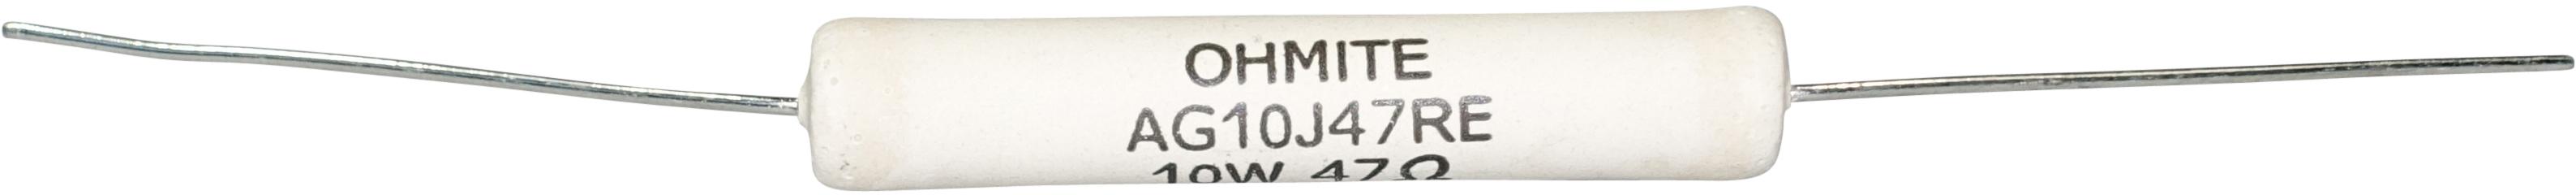 Ohmite Audio Gold 10W - 330 Ohm